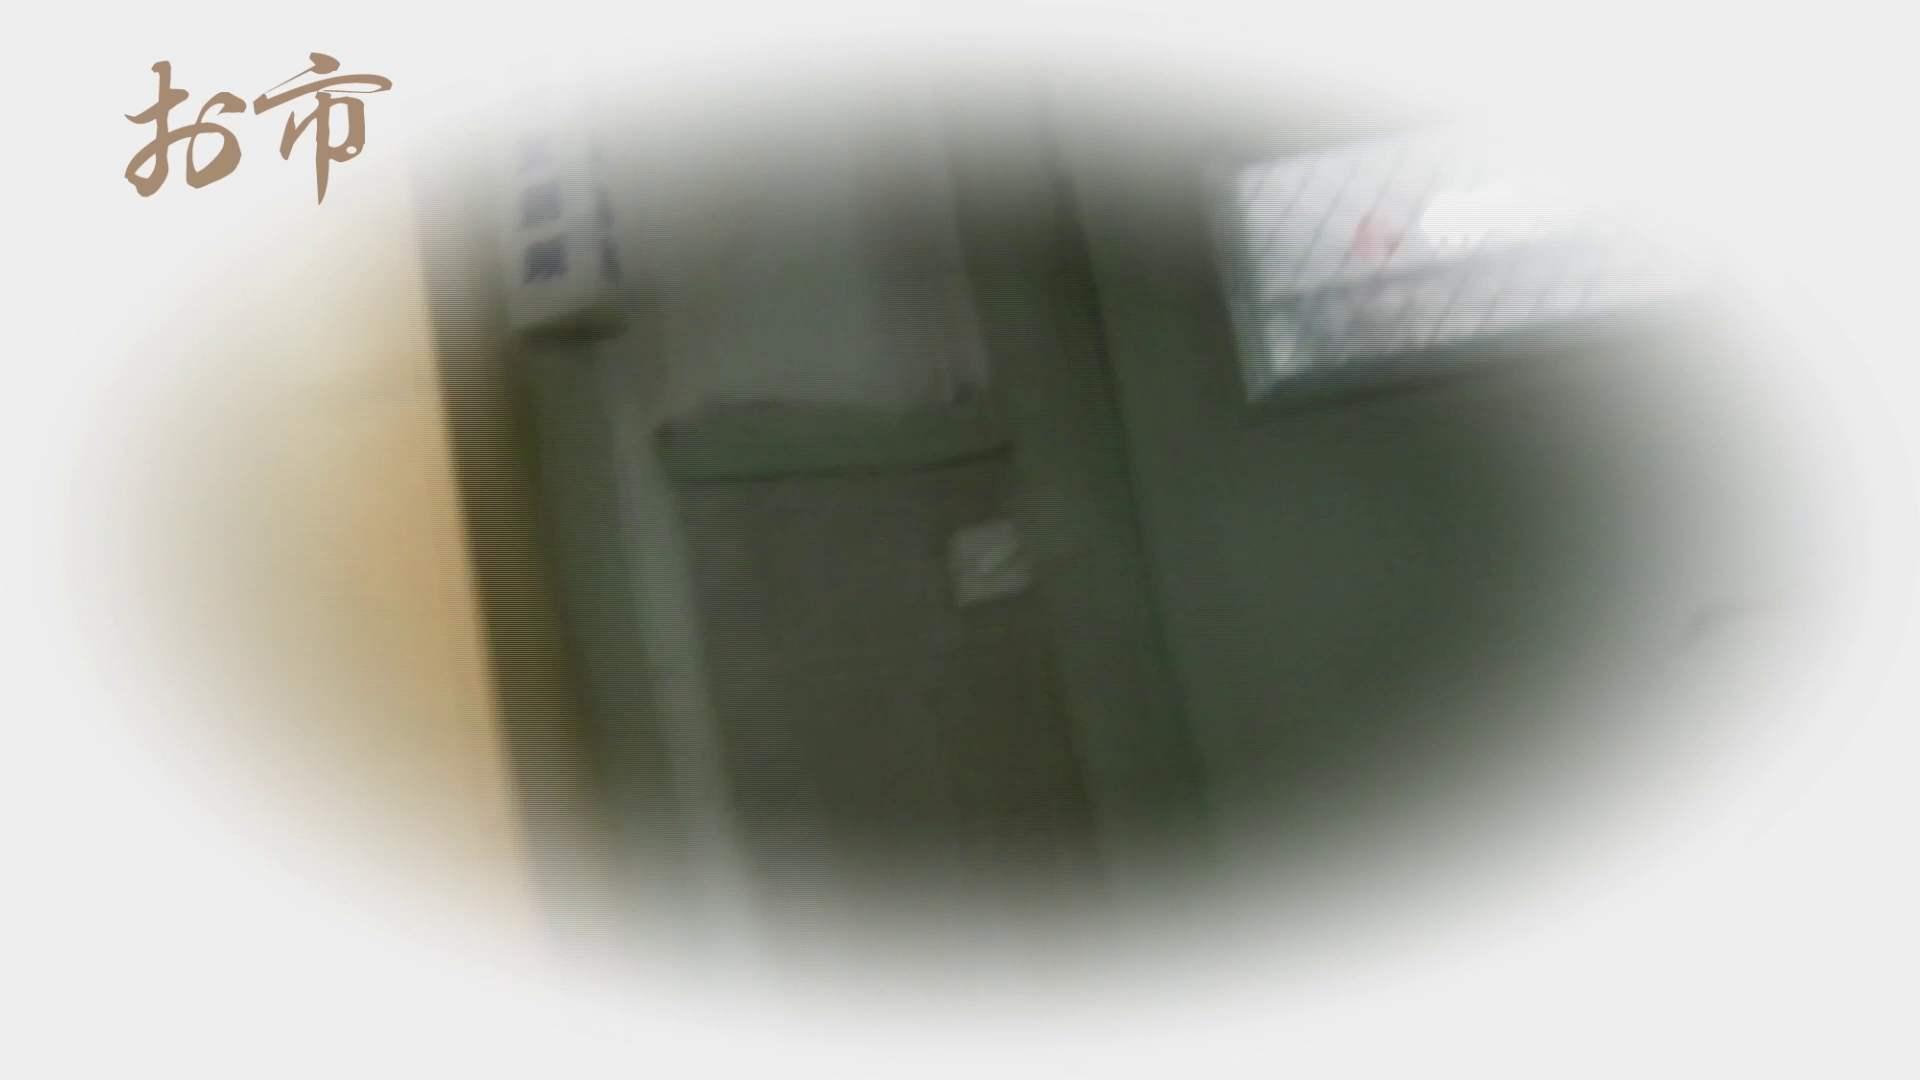 潜入!!台湾名門女学院 Vol.12 長身モデル驚き見たことないシチュエーション 色っぽいOL達 オメコ動画キャプチャ 101pic 2